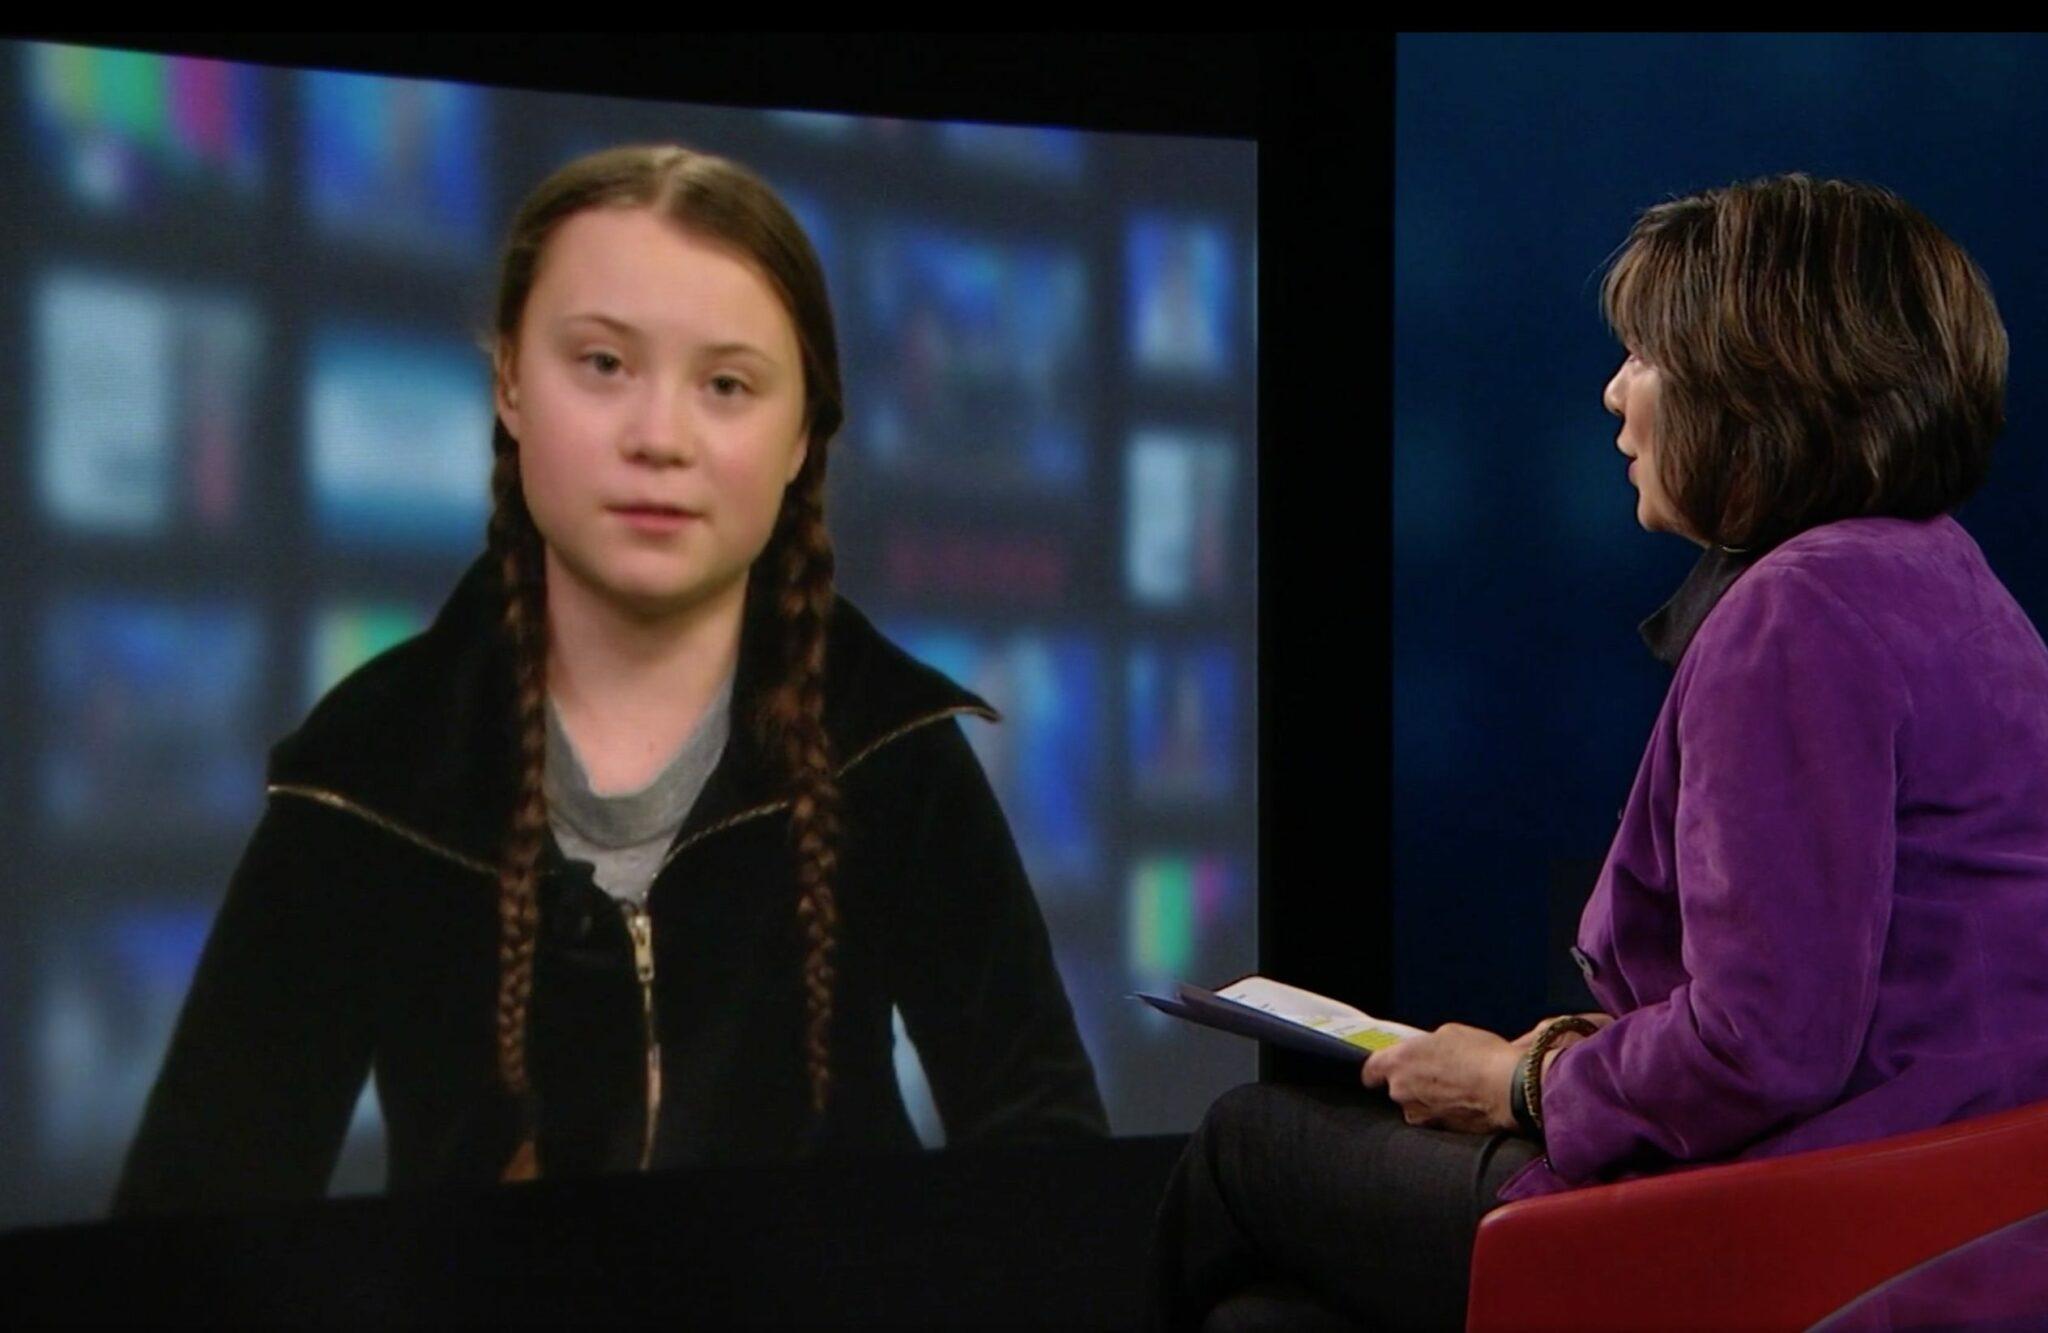 Greta Thunberg spricht im Interview mit Christiane Amanpour über ihre Diagnose Asperger-Syndrom.